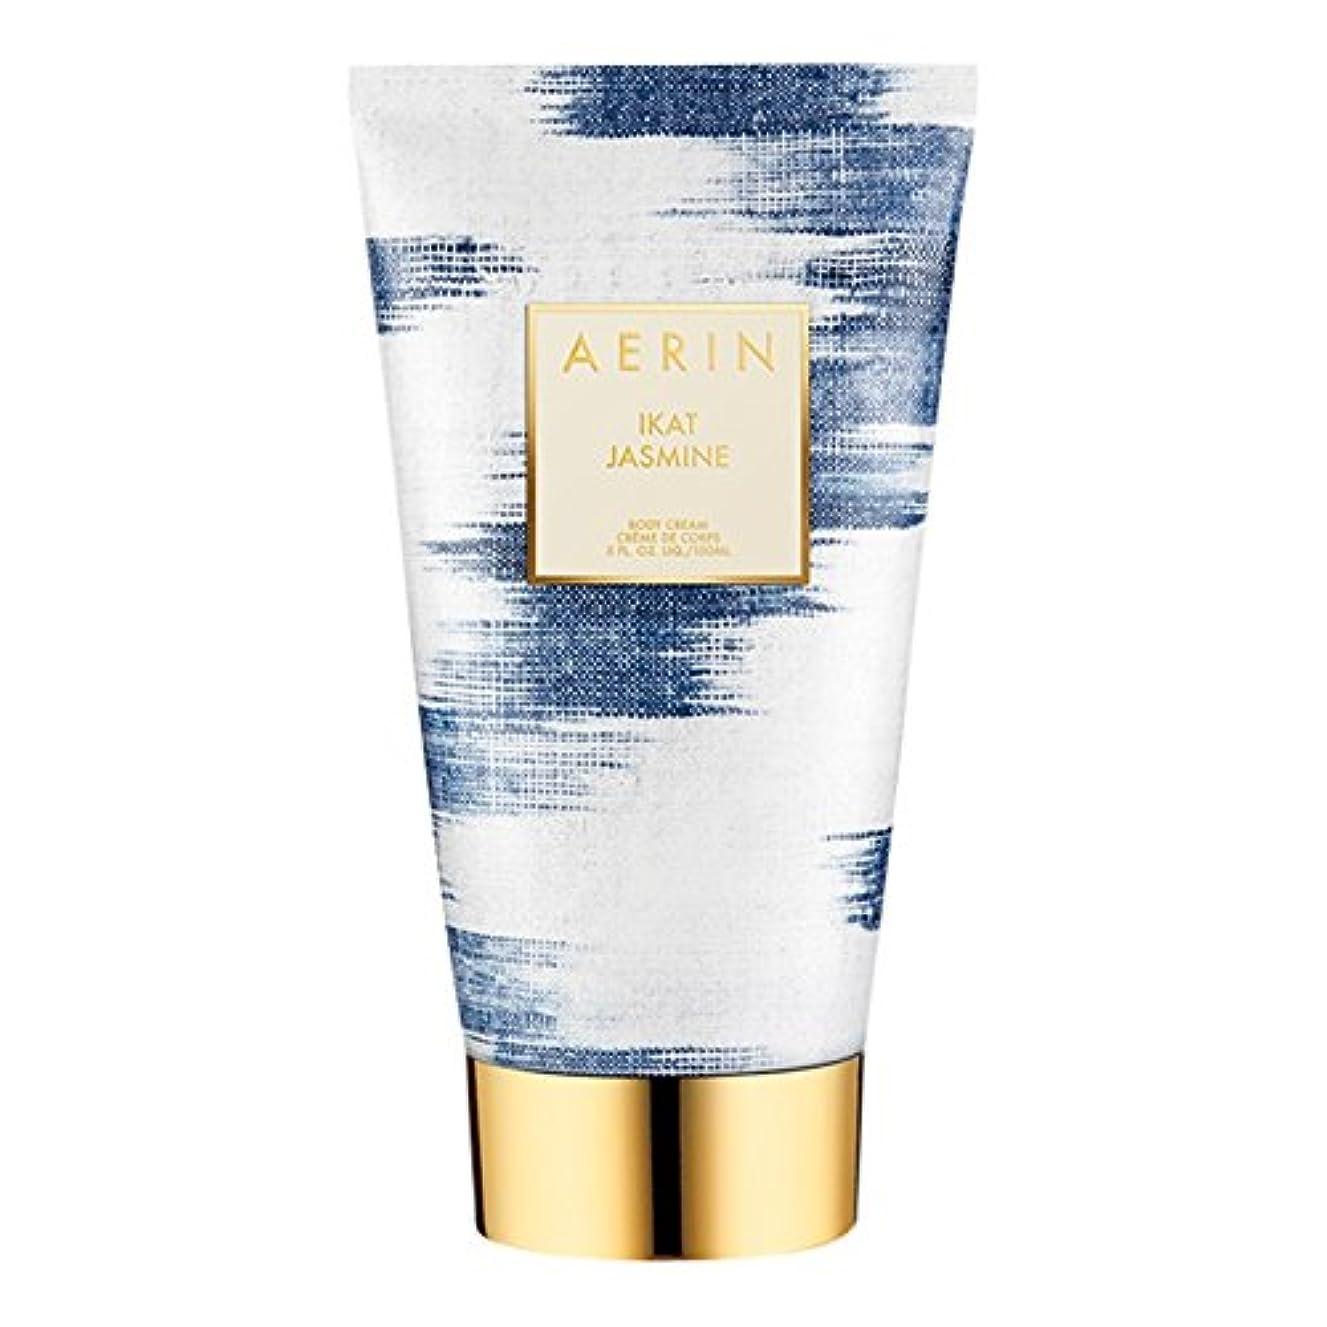 勝利した伝統カウボーイAerinイカットジャスミンボディクリーム150ミリリットル (AERIN) (x6) - AERIN Ikat Jasmine Body Cream 150ml (Pack of 6) [並行輸入品]